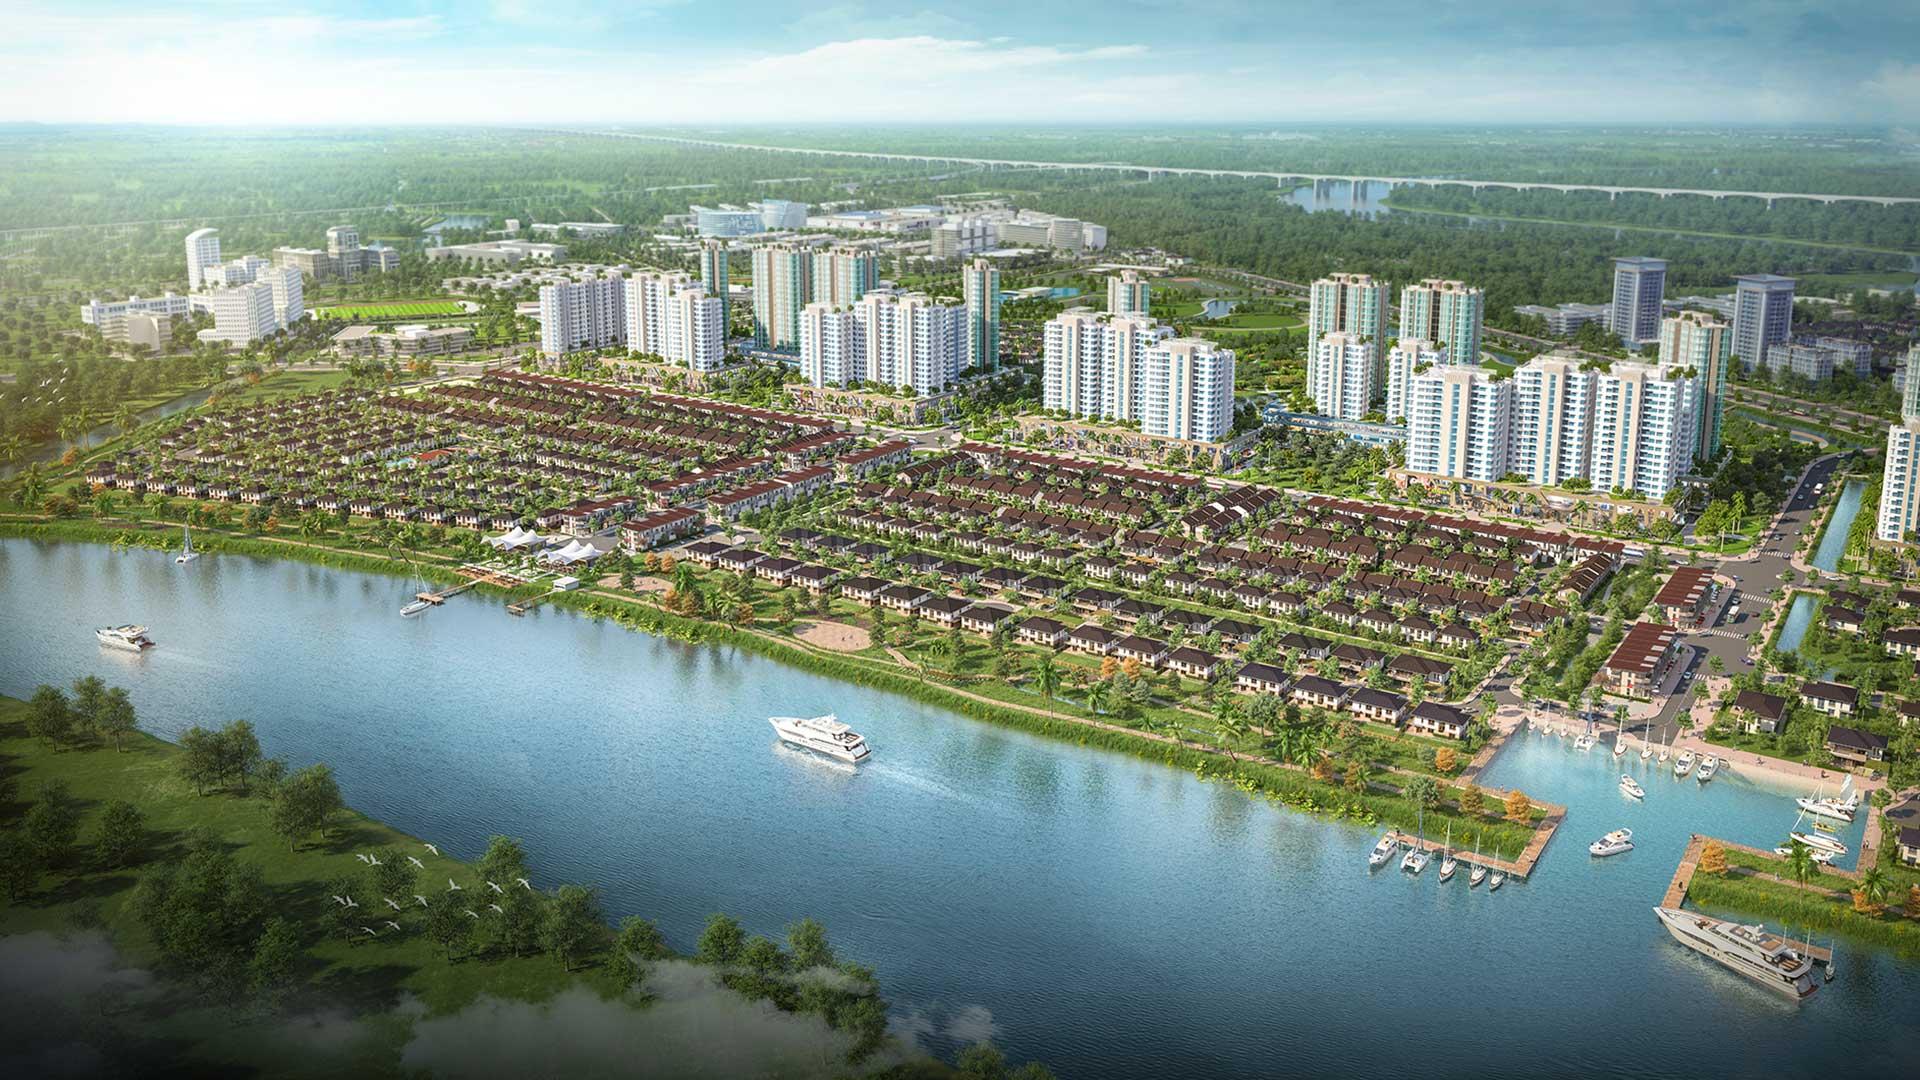 Phân khu Rivera với các căn dinh thự, grand villa hướng tầm nhìn tuyệt mỹ ra sông Vàm Cỏ Đông